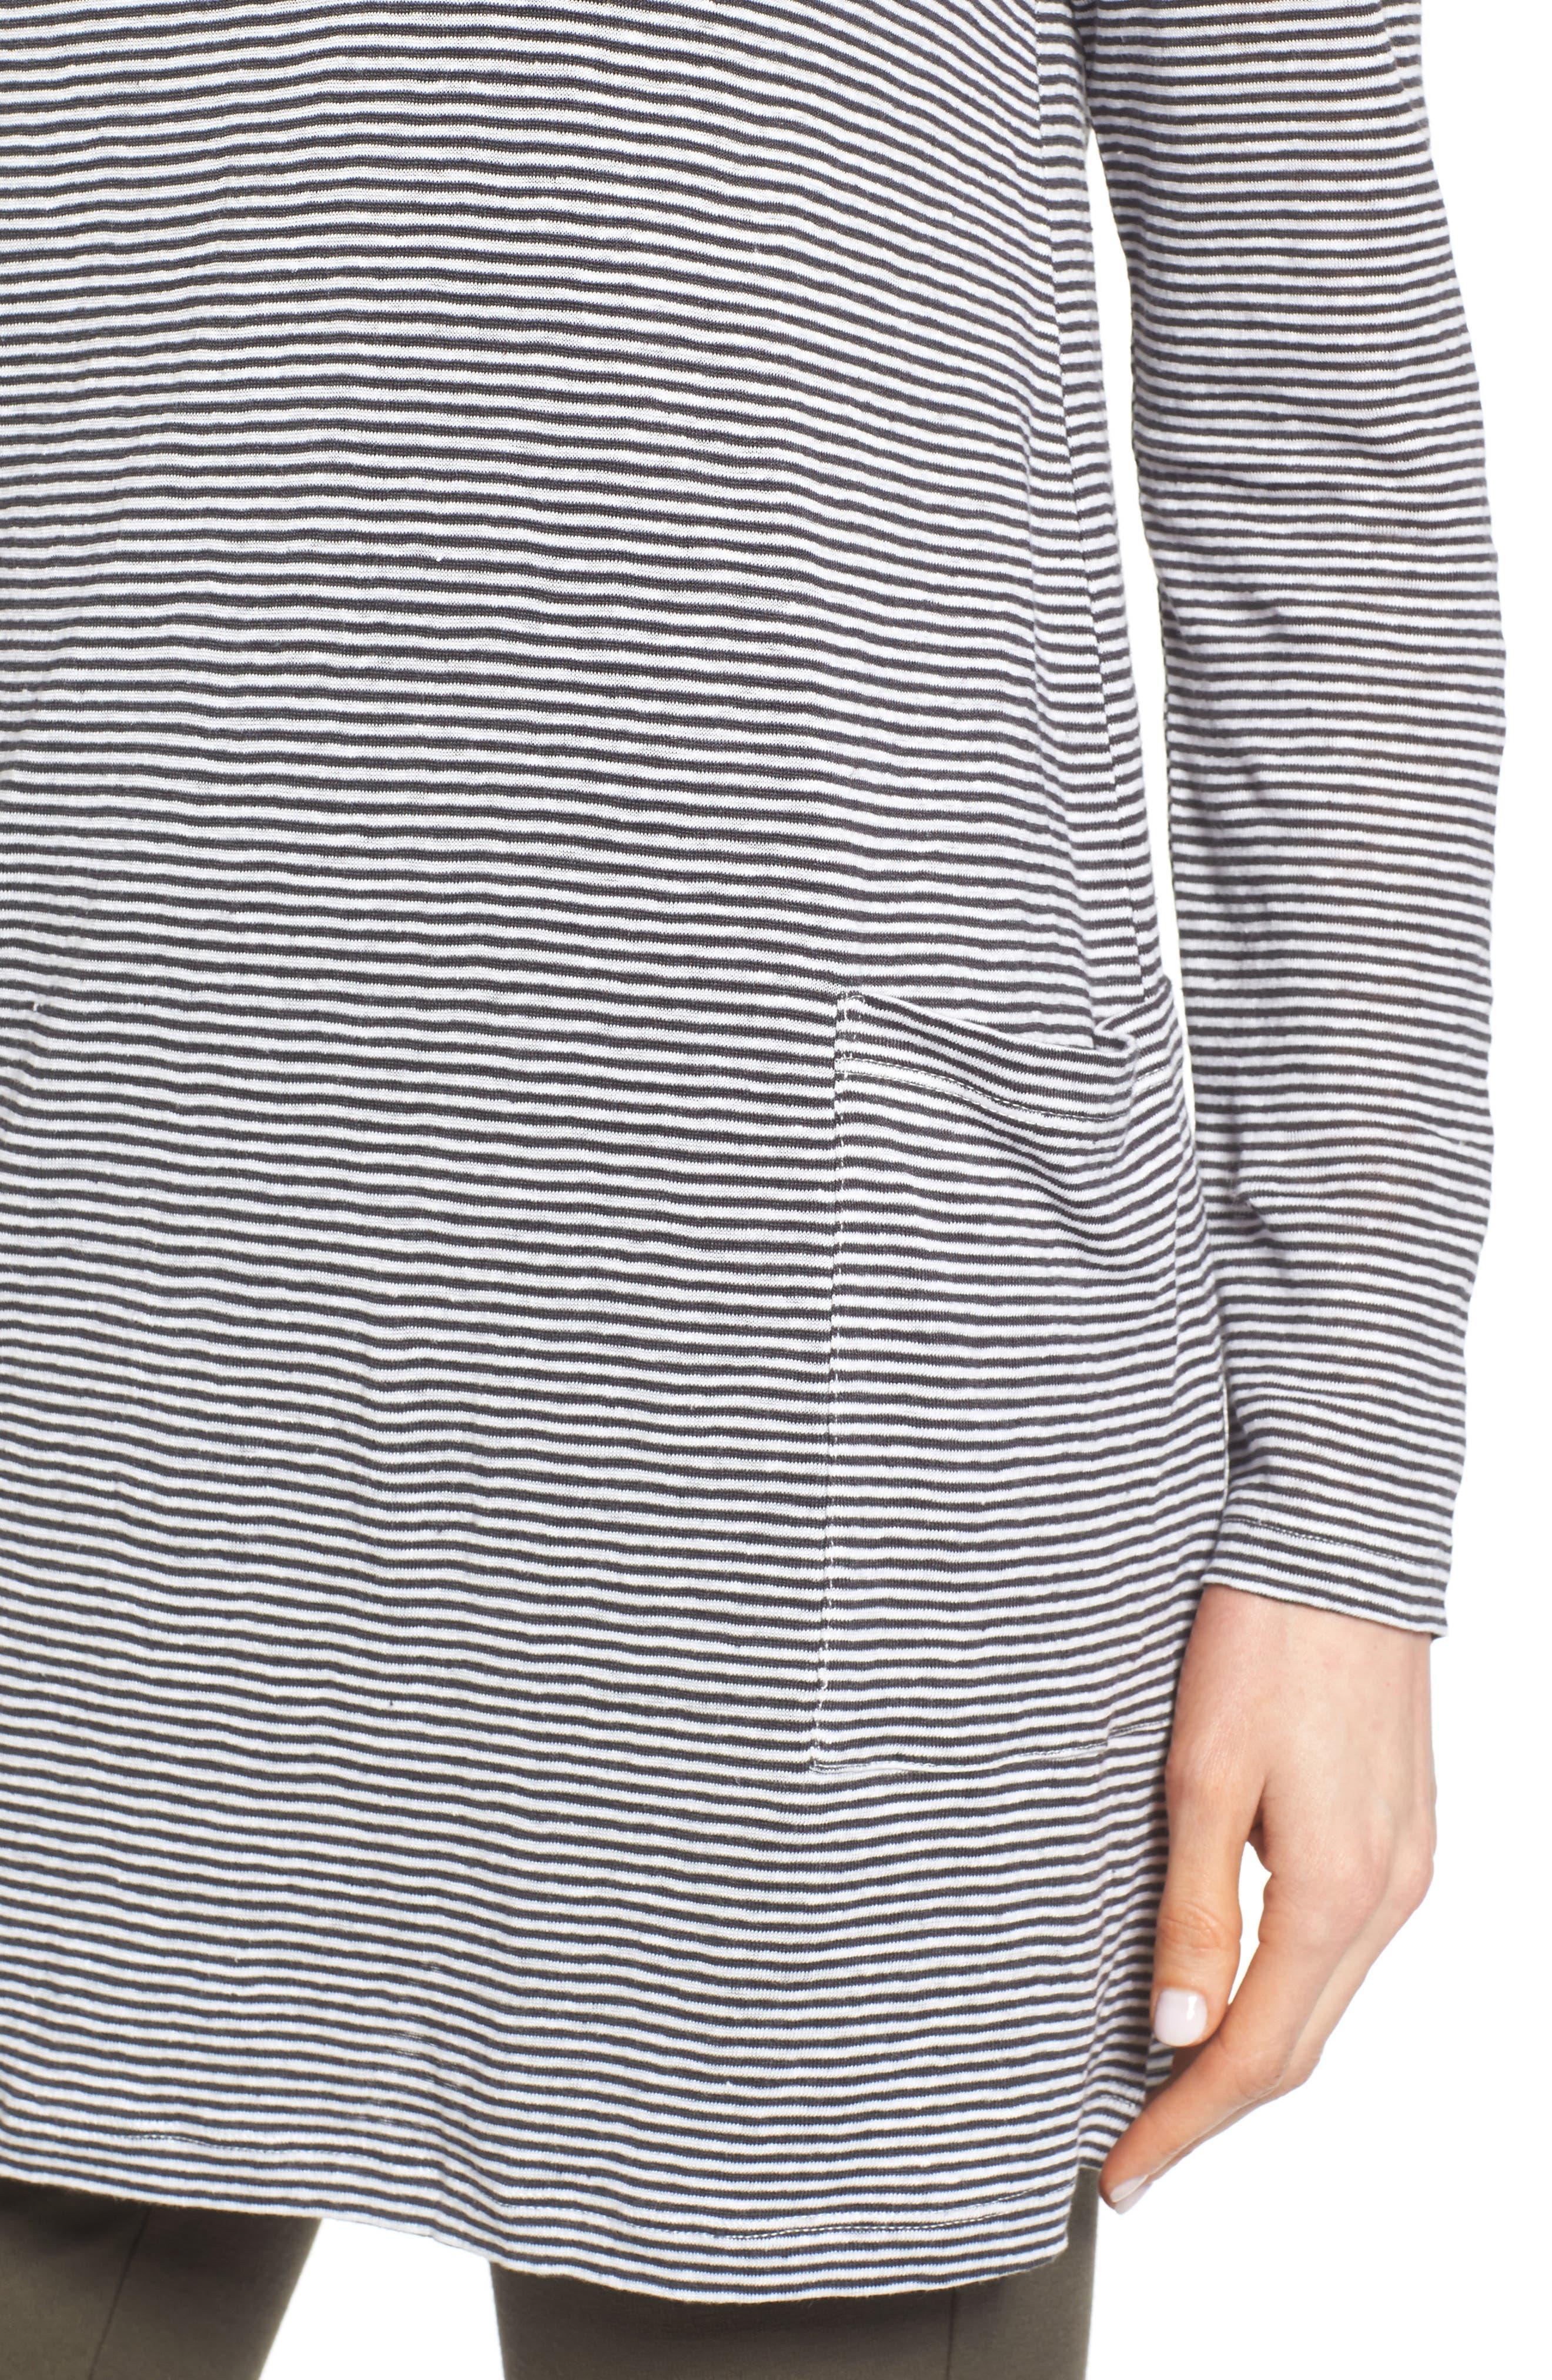 Organic Linen Knit Tunic,                             Alternate thumbnail 4, color,                             141